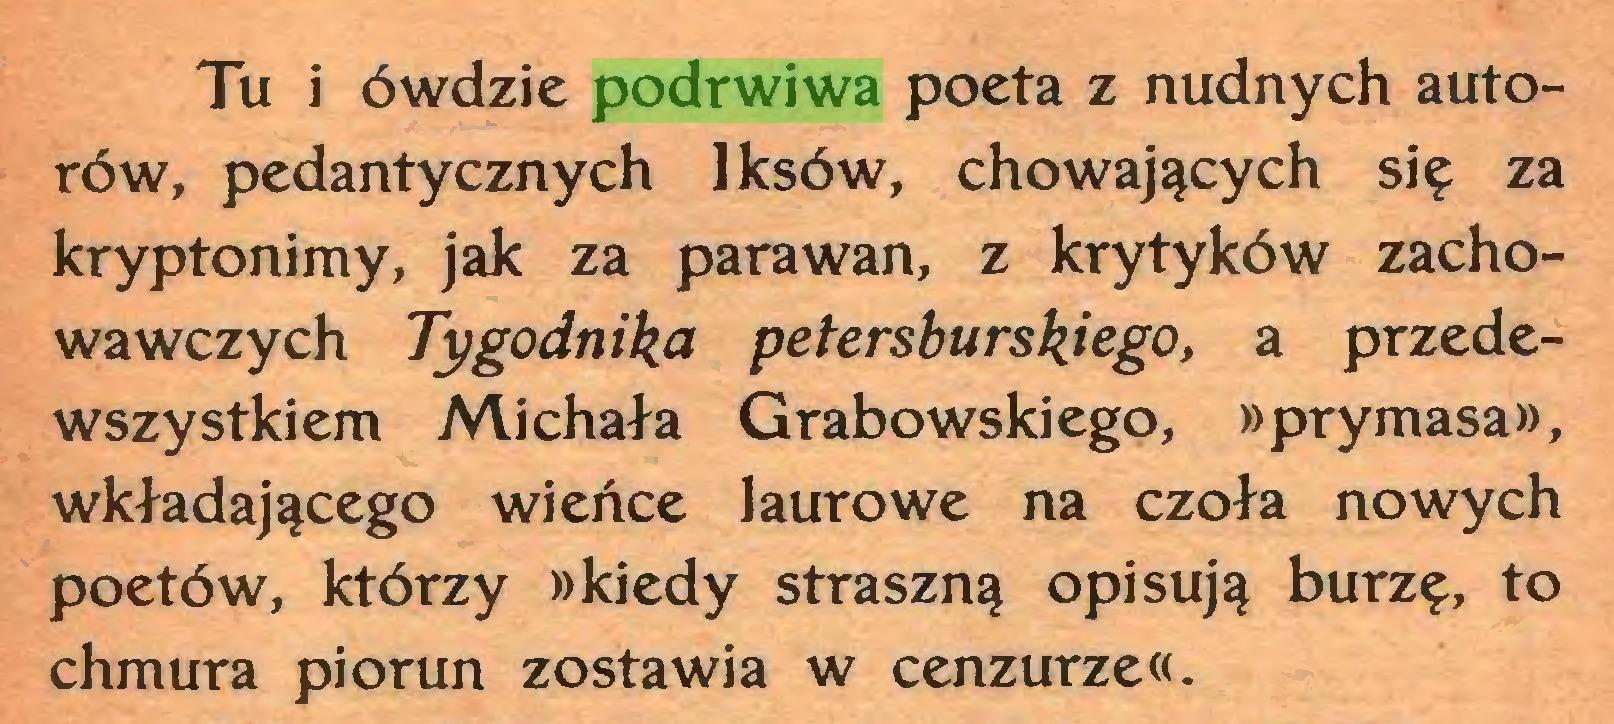 (...) Tu i ówdzie podrwiwa poeta z nudnych autorów, pedantycznych Iksów, chowających się za kryptonimy, jak za parawan, z krytyków zachowawczych Tygodnika petersburskiego, a przedewszystkiem Michała Grabowskiego, »prymasa», wkładającego wieńce laurowe na czoła nowych poetów, którzy »kiedy straszną opisują burzę, to chmura piorun zostawia w cenzurze«...